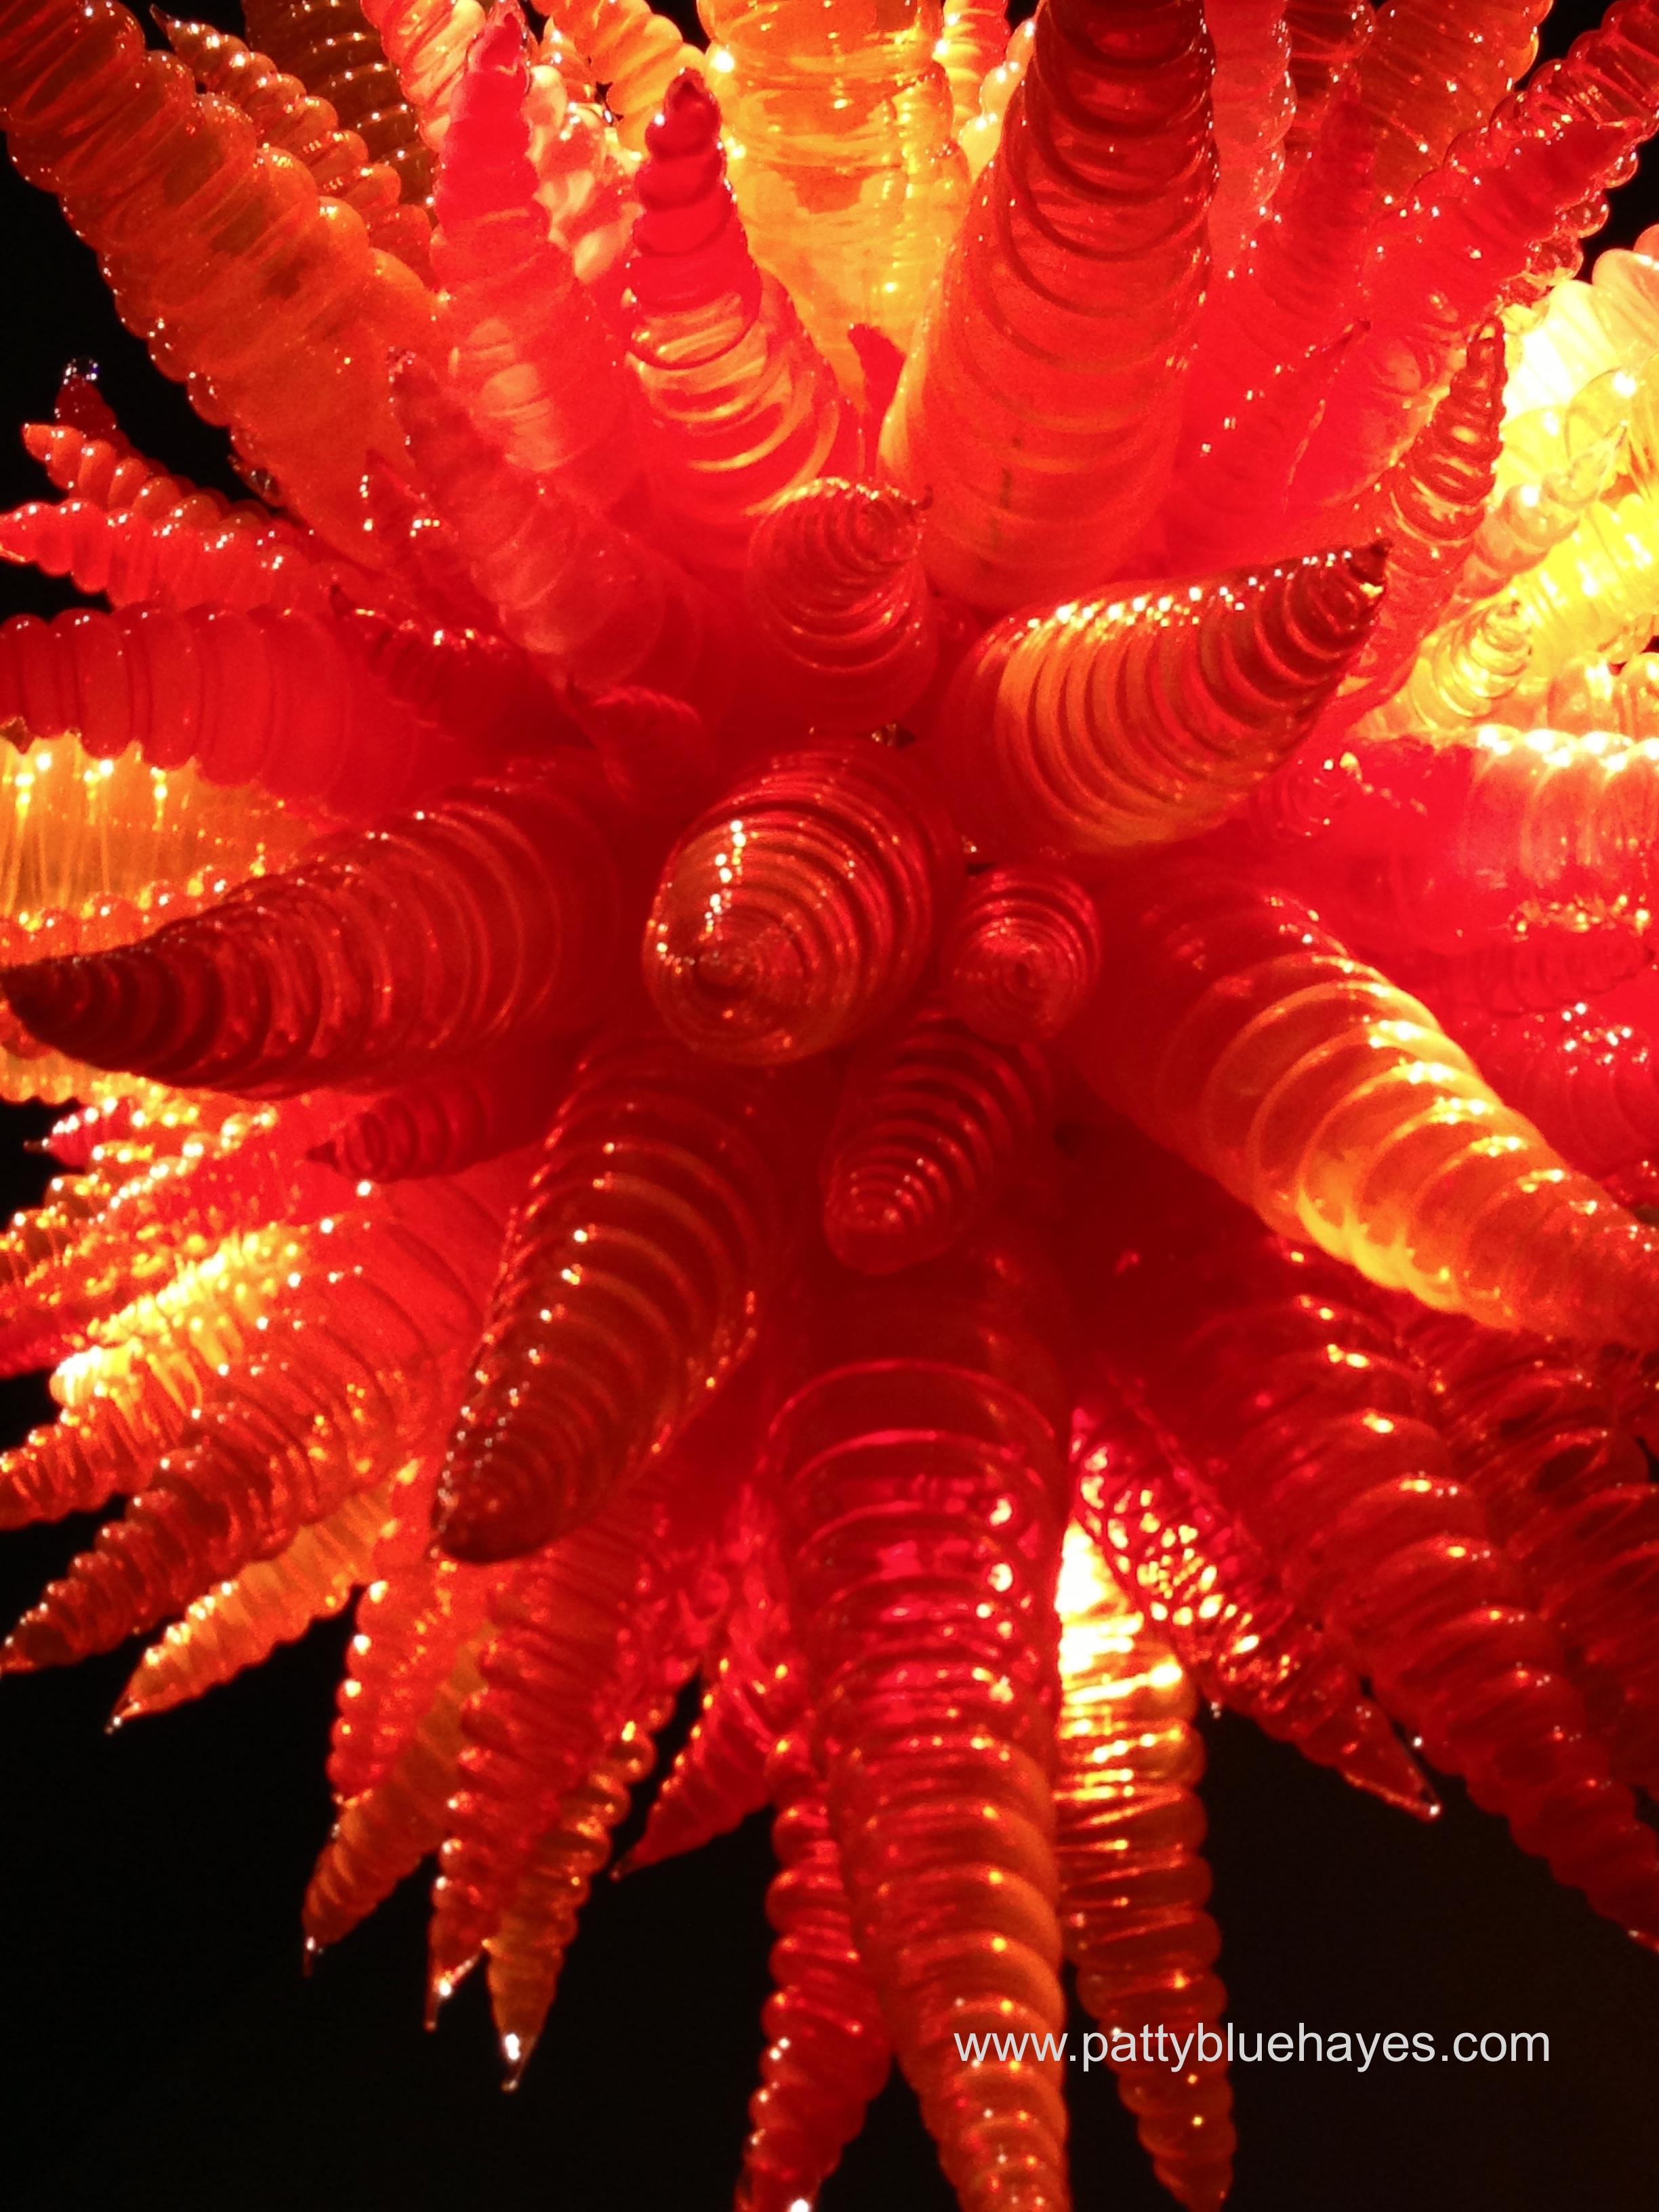 Chihuly Glass & Gardens, Seattle, WA